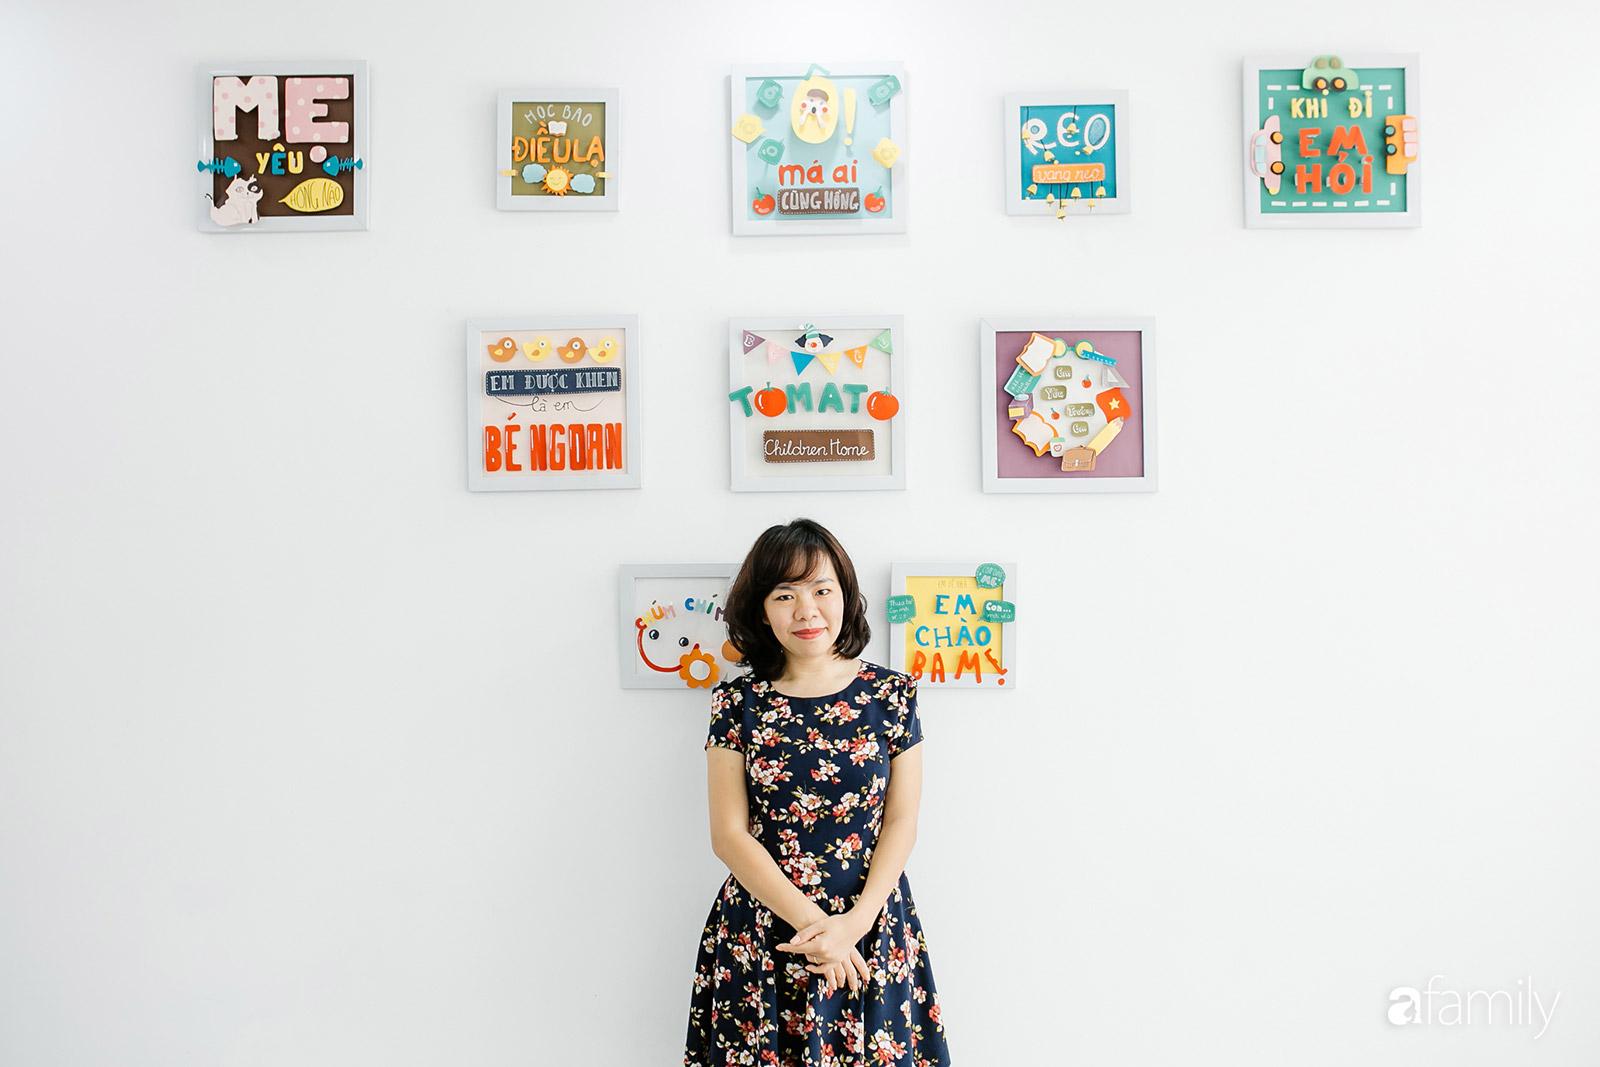 Uyên Phương, người mẹ quyết định khởi nghiệp vì con: Tôi nghĩ phụ nữ sẽ luôn có lựa chọn tốt hơn là hi sinh - Ảnh 8.